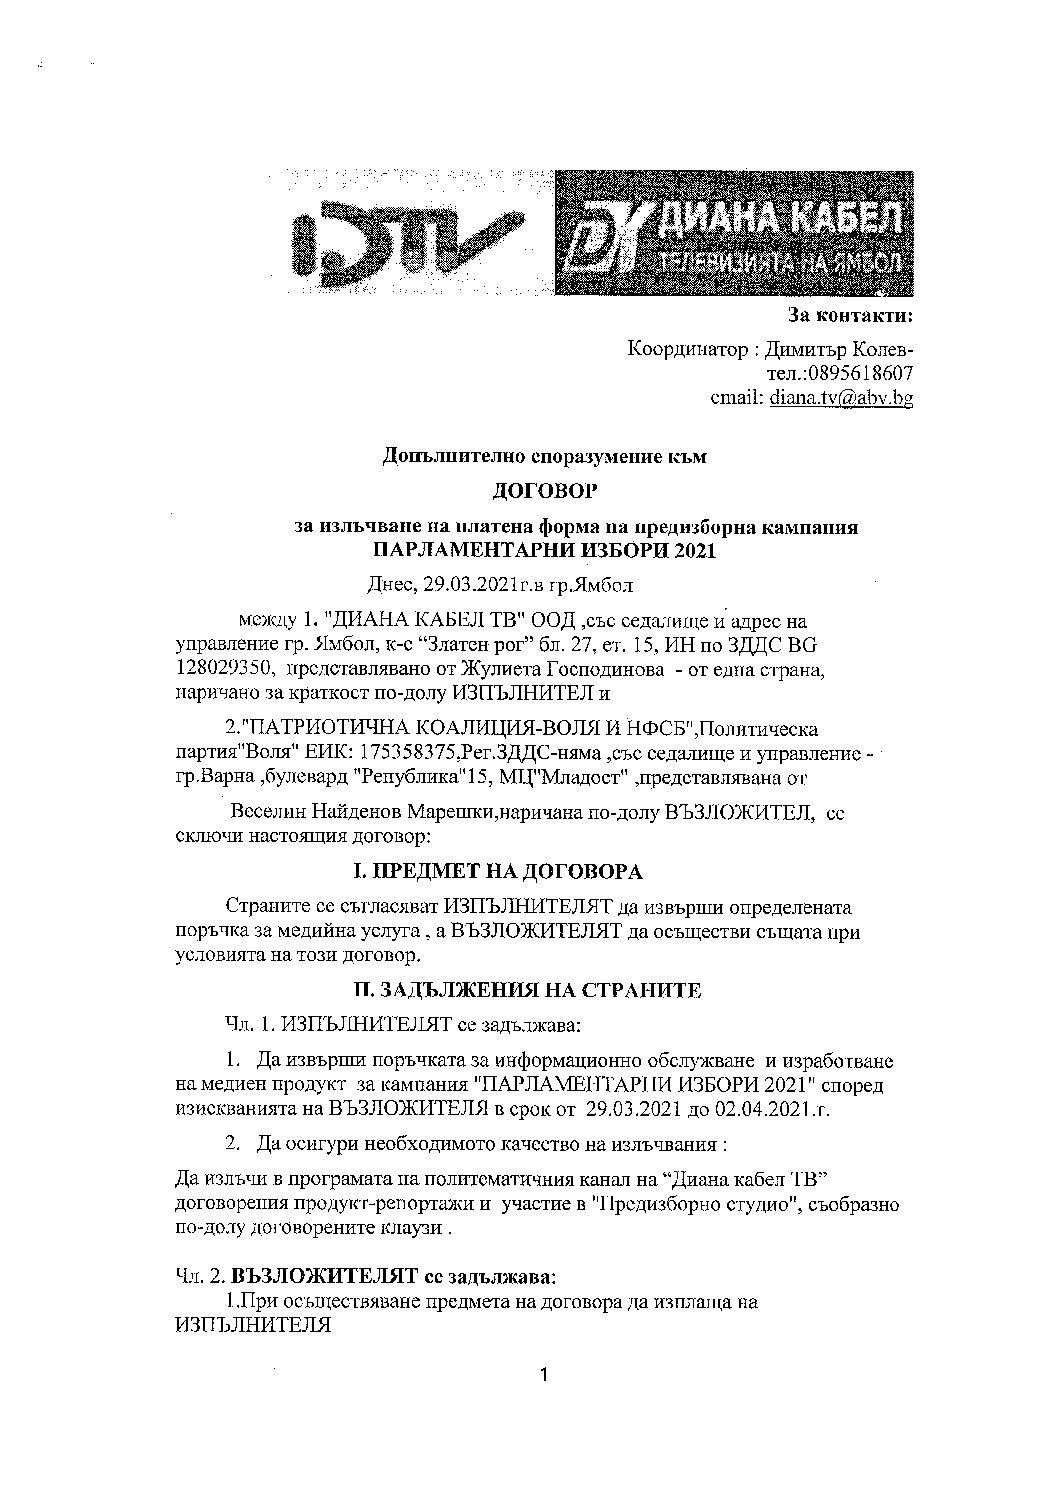 """Парламентарни избори 2021-договор за доставка на медийни услуги с Коалиция """"Воля-НФСБ"""""""